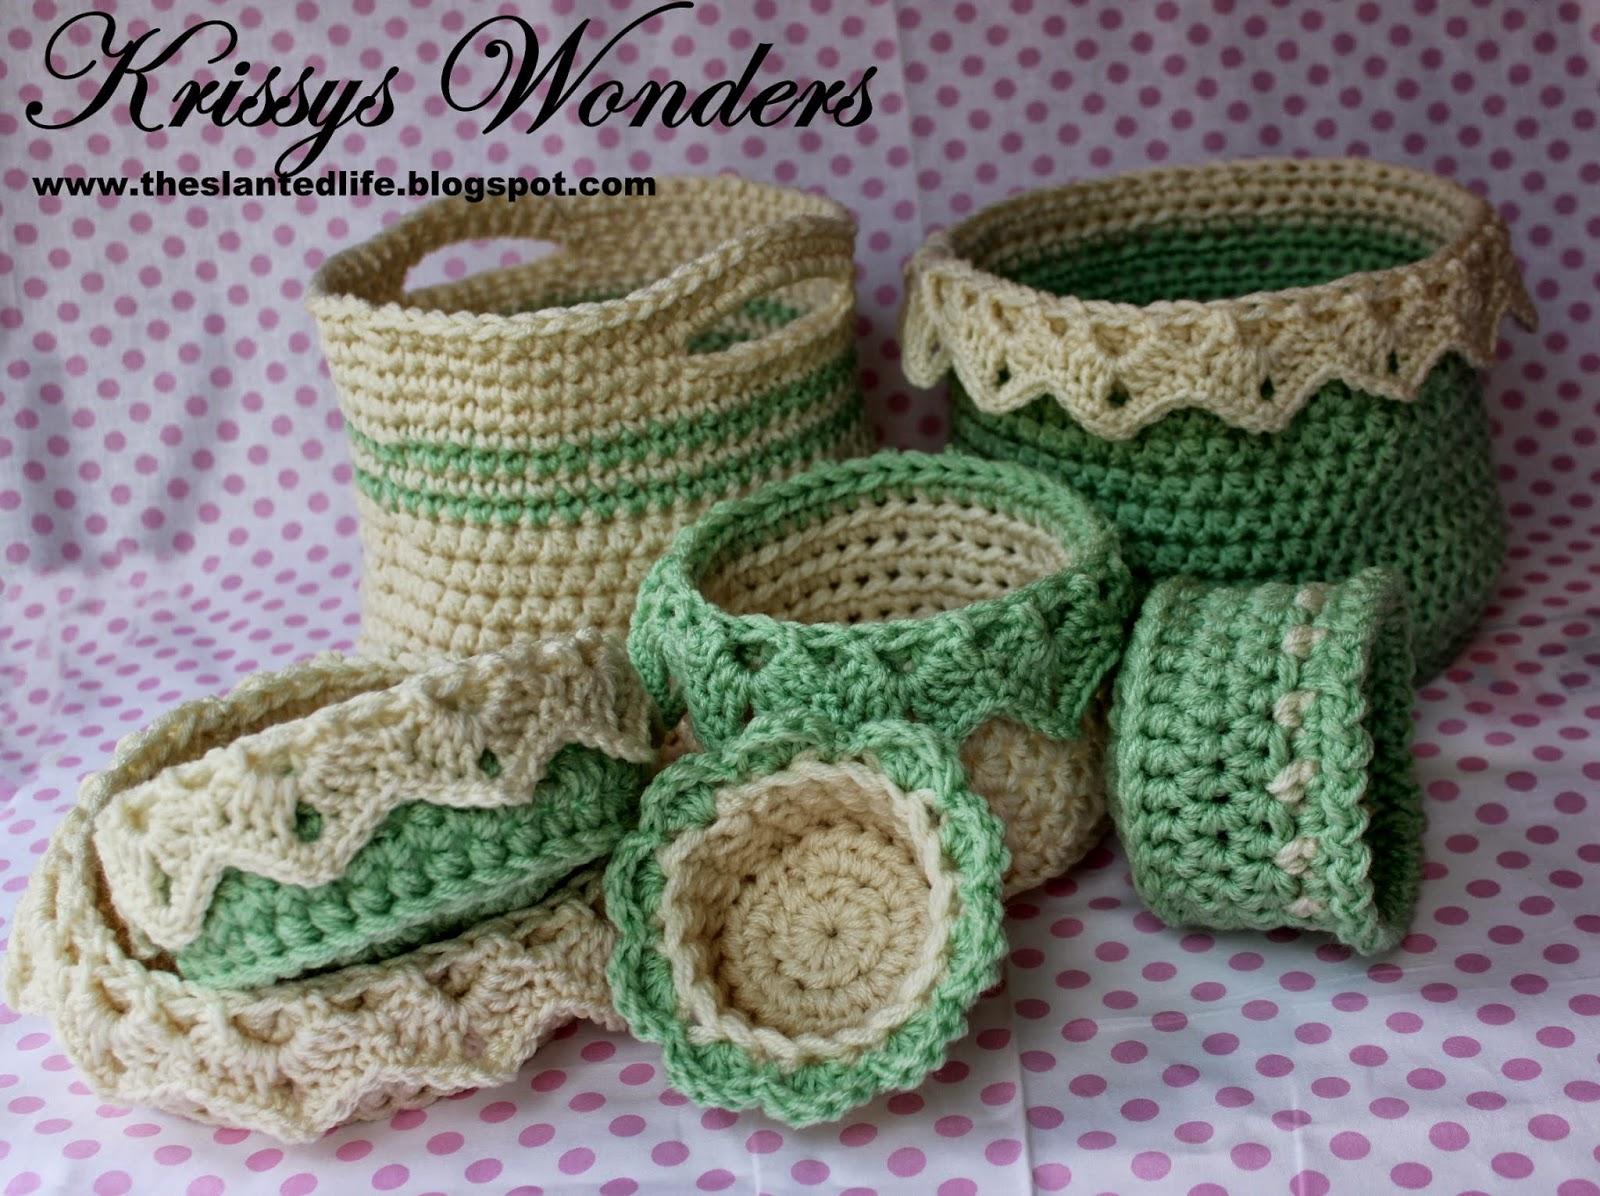 Free Crochet Flower Basket Pattern : The slanted life free crochet pattern for a flower basket